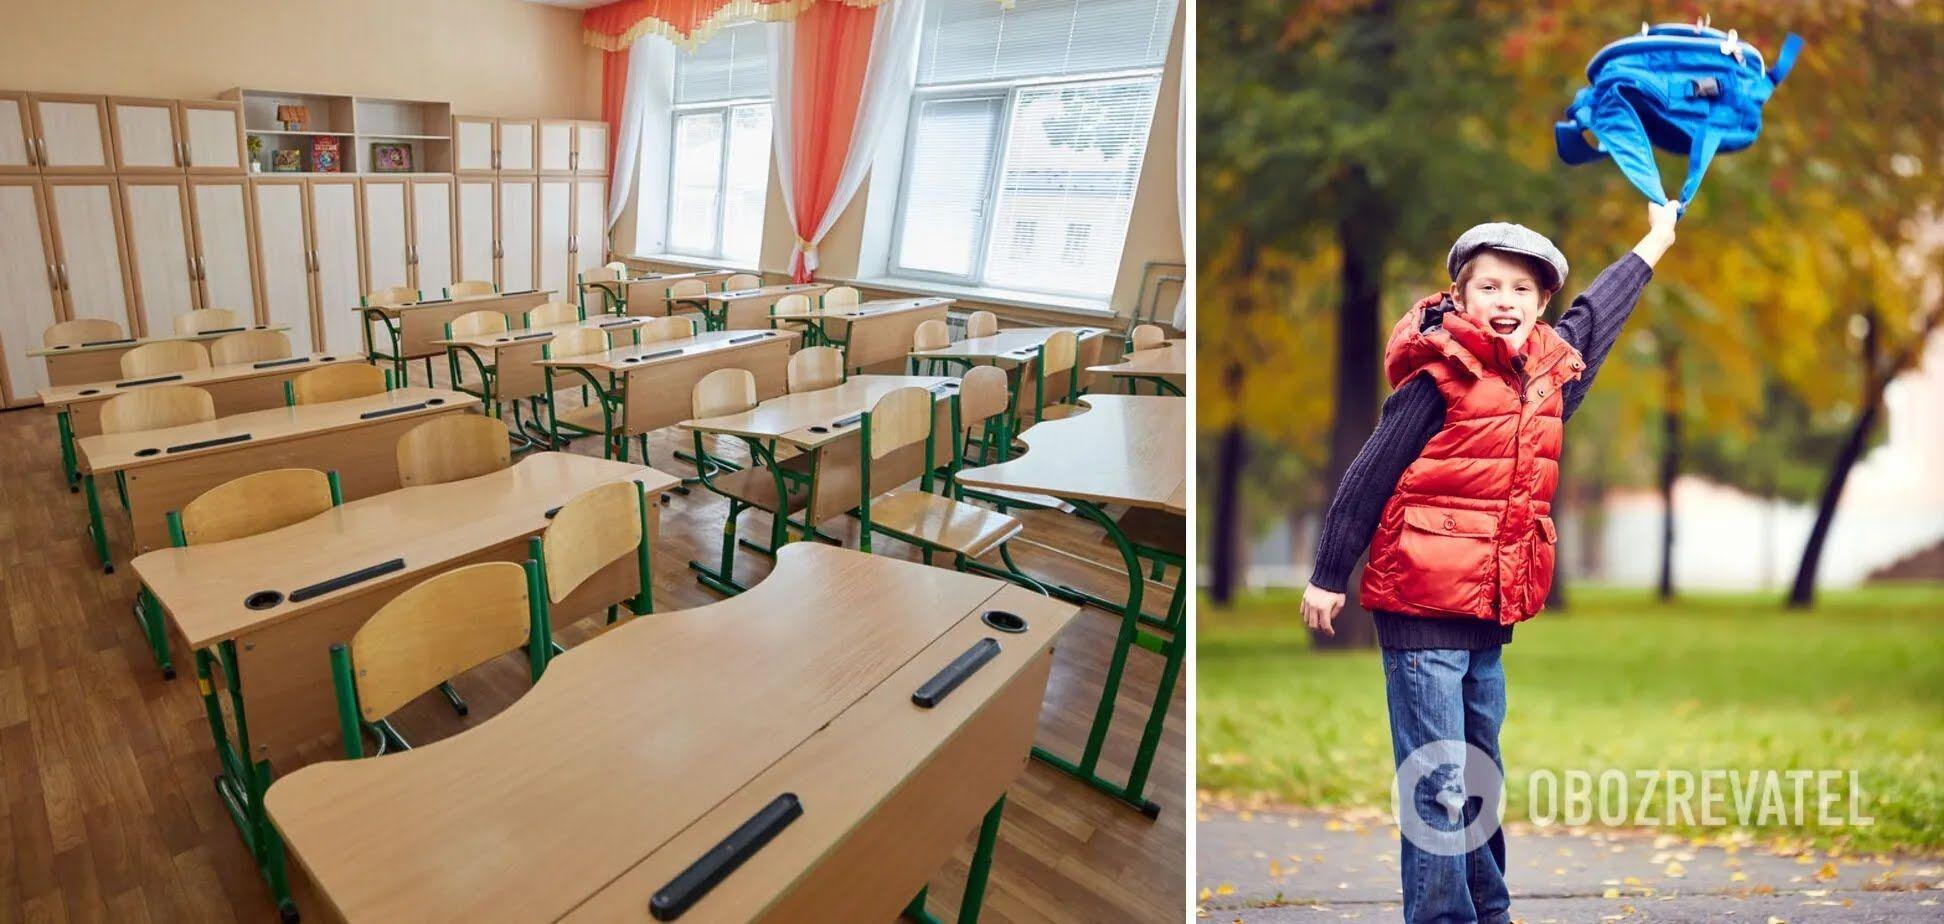 Осенние каникулы для украинских школьников стартуют 25 октября